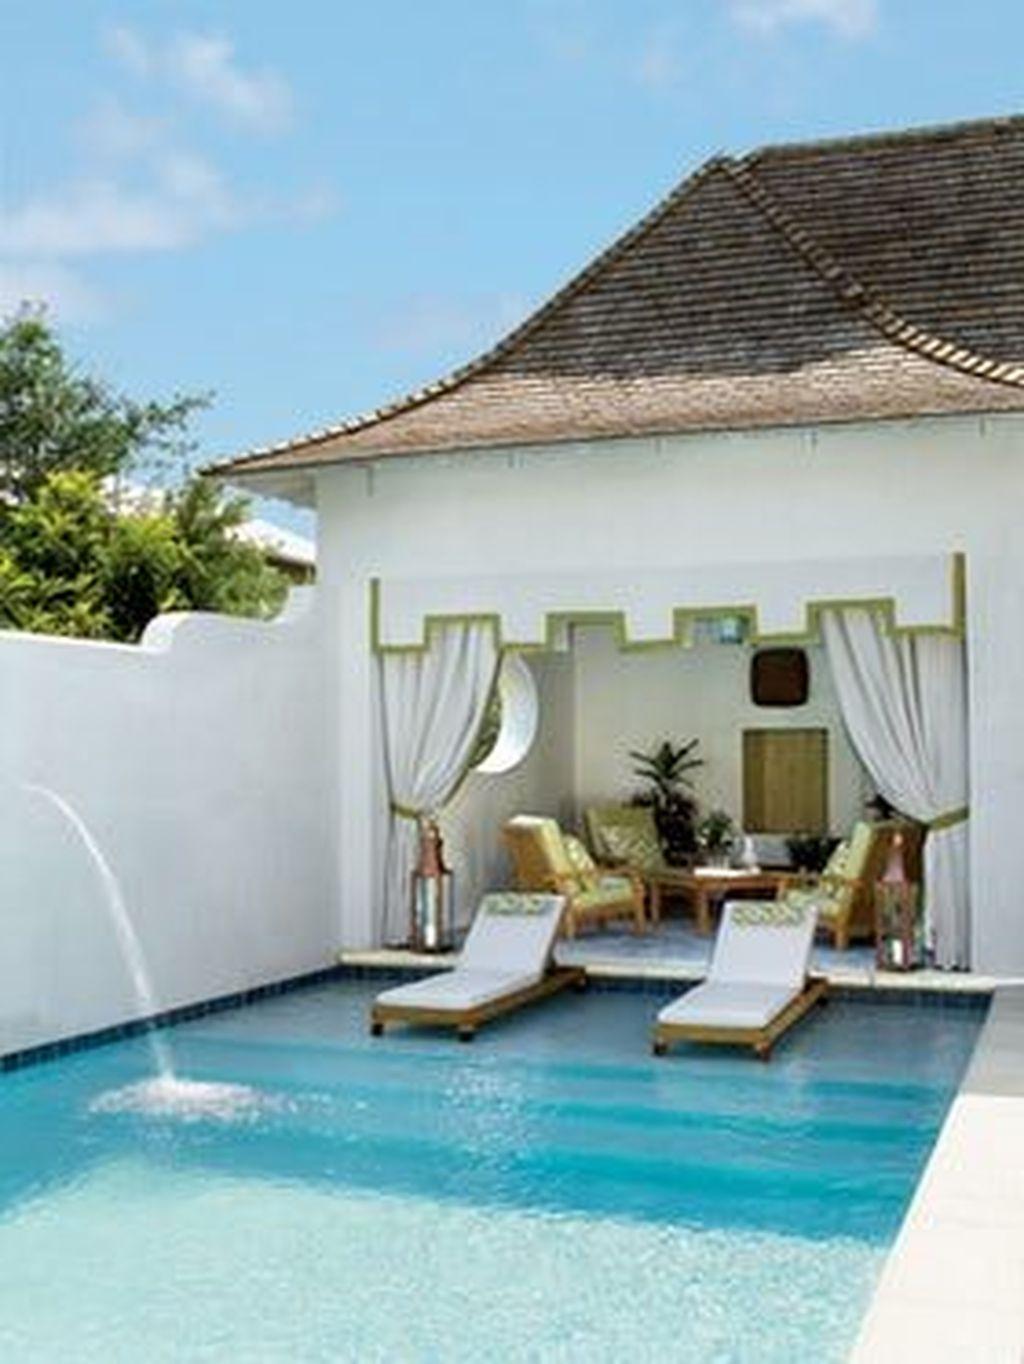 Popular Pool Design Ideas For Summertime 02